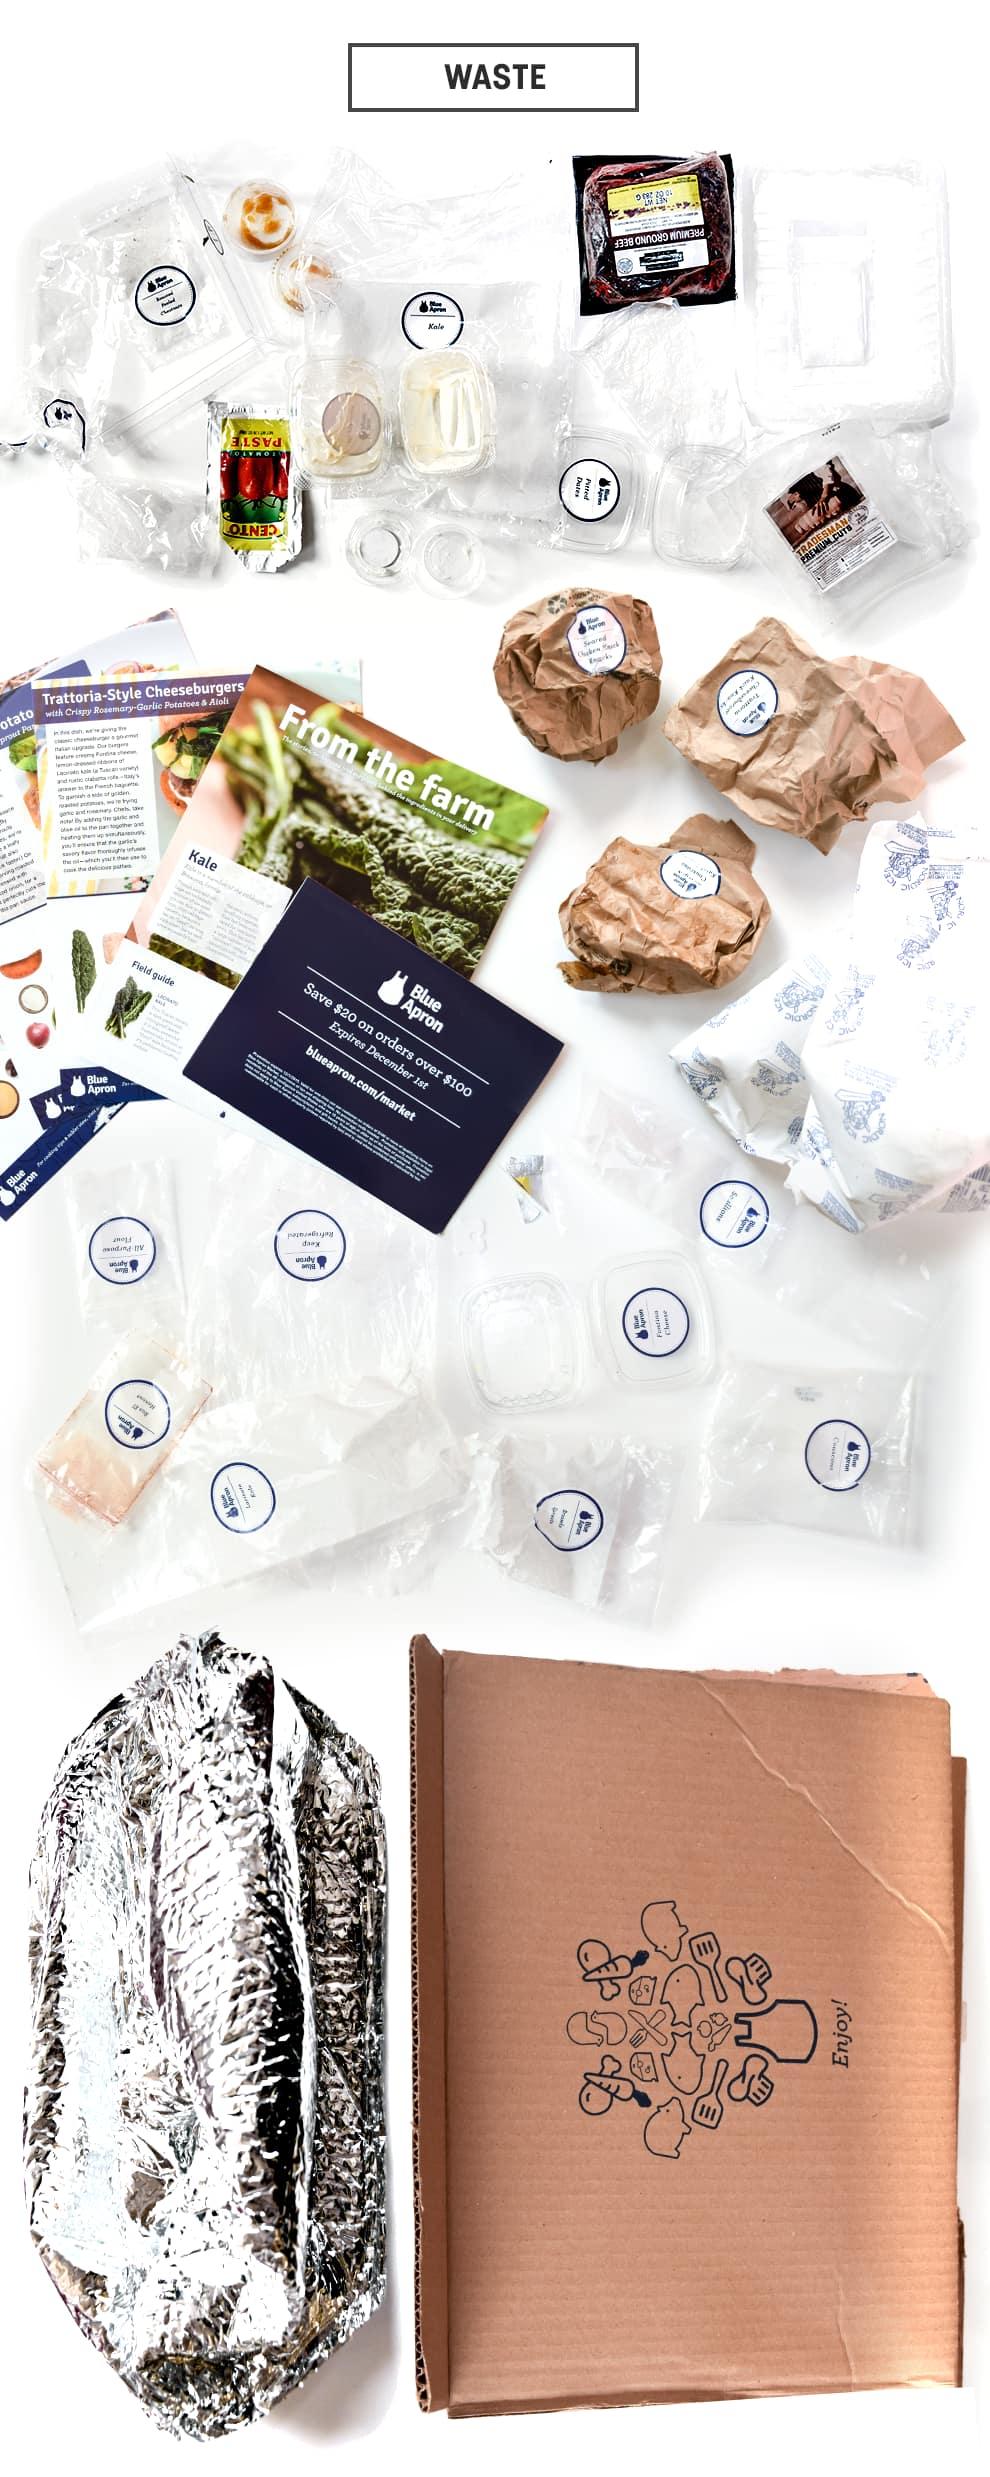 Blue Apron Meal Kit Waste